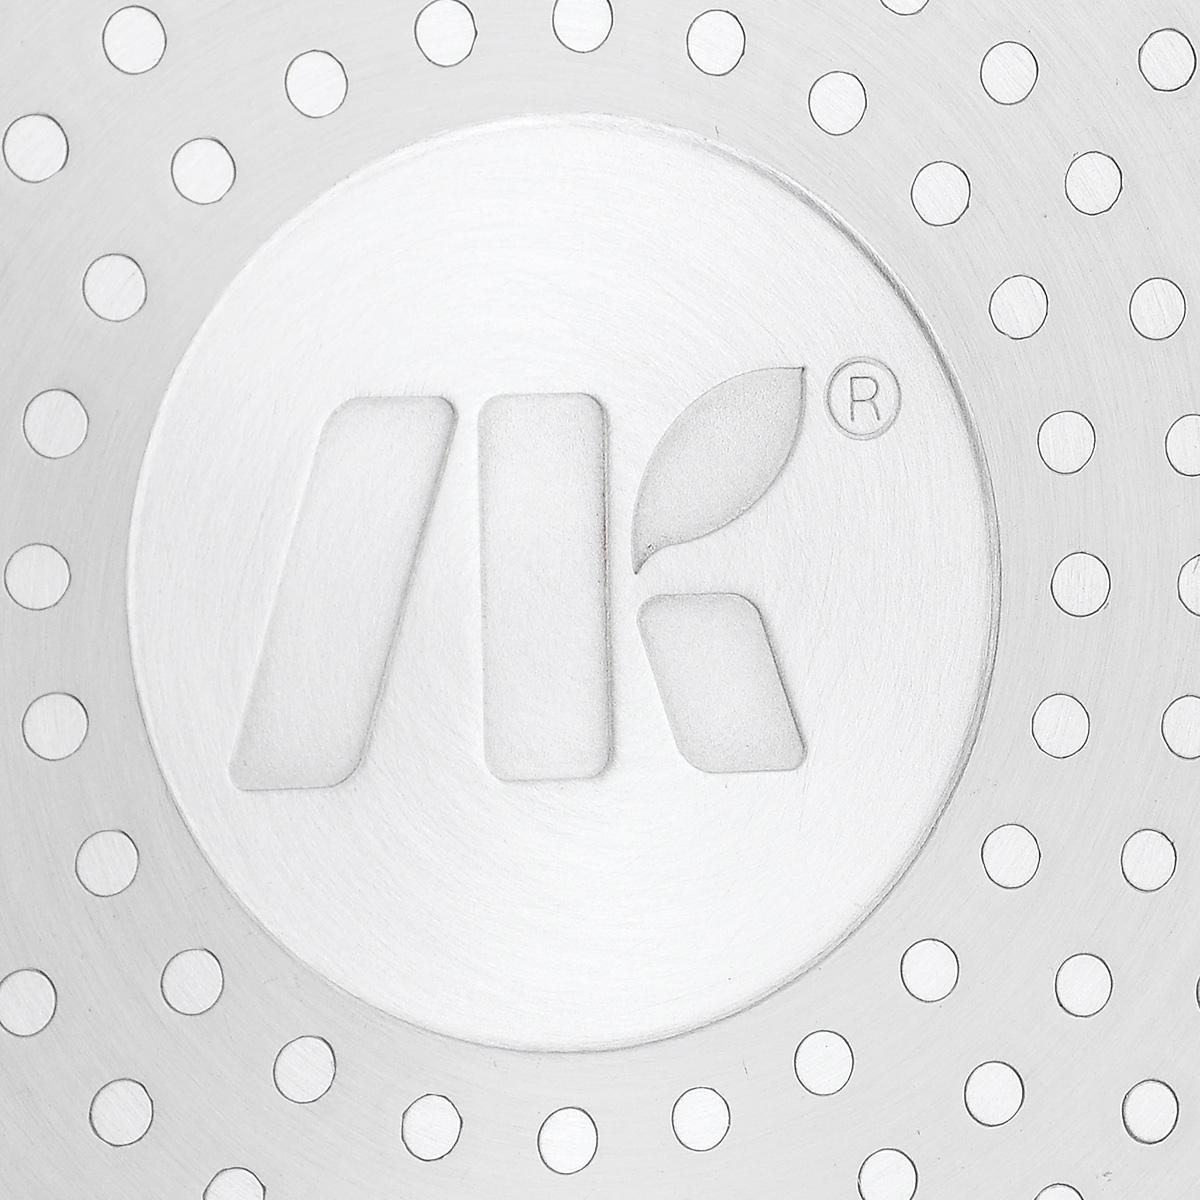 """Сковорода NaturePan """"Modern"""" выполнена из высококачественного алюминия с антипригарным керамическим покрытием Gleblon Ceram. Покрытие абсолютно безопасно для здоровья, не содержит вредных веществ, при использовании не выделяет вредного химического испарения и устойчиво к царапинам. Керамическое покрытие позволит вам готовить вкусную и здоровую еду с минимальным добавлением масла и жира.   Усиленное кованное дно обеспечивает равномерное распределение тепла по всей поверхности сковороды, что улучшает качество приготовленной пищи.  Сковорода оснащена удобной пластиковой ручкой с противоскользящим покрытием, которая не нагревается. В комплект входит крышка из жаропрочного стекла. Крышка оснащена удобной ручкой и металлическим ободом и имеет отверстие для выпуска пара.  Подходит для всех типов плит, включая индукционные.  Можно мыть в посудомоечной машине.   Высота стенки: 5,5 см.  Длина ручки: 18 см."""